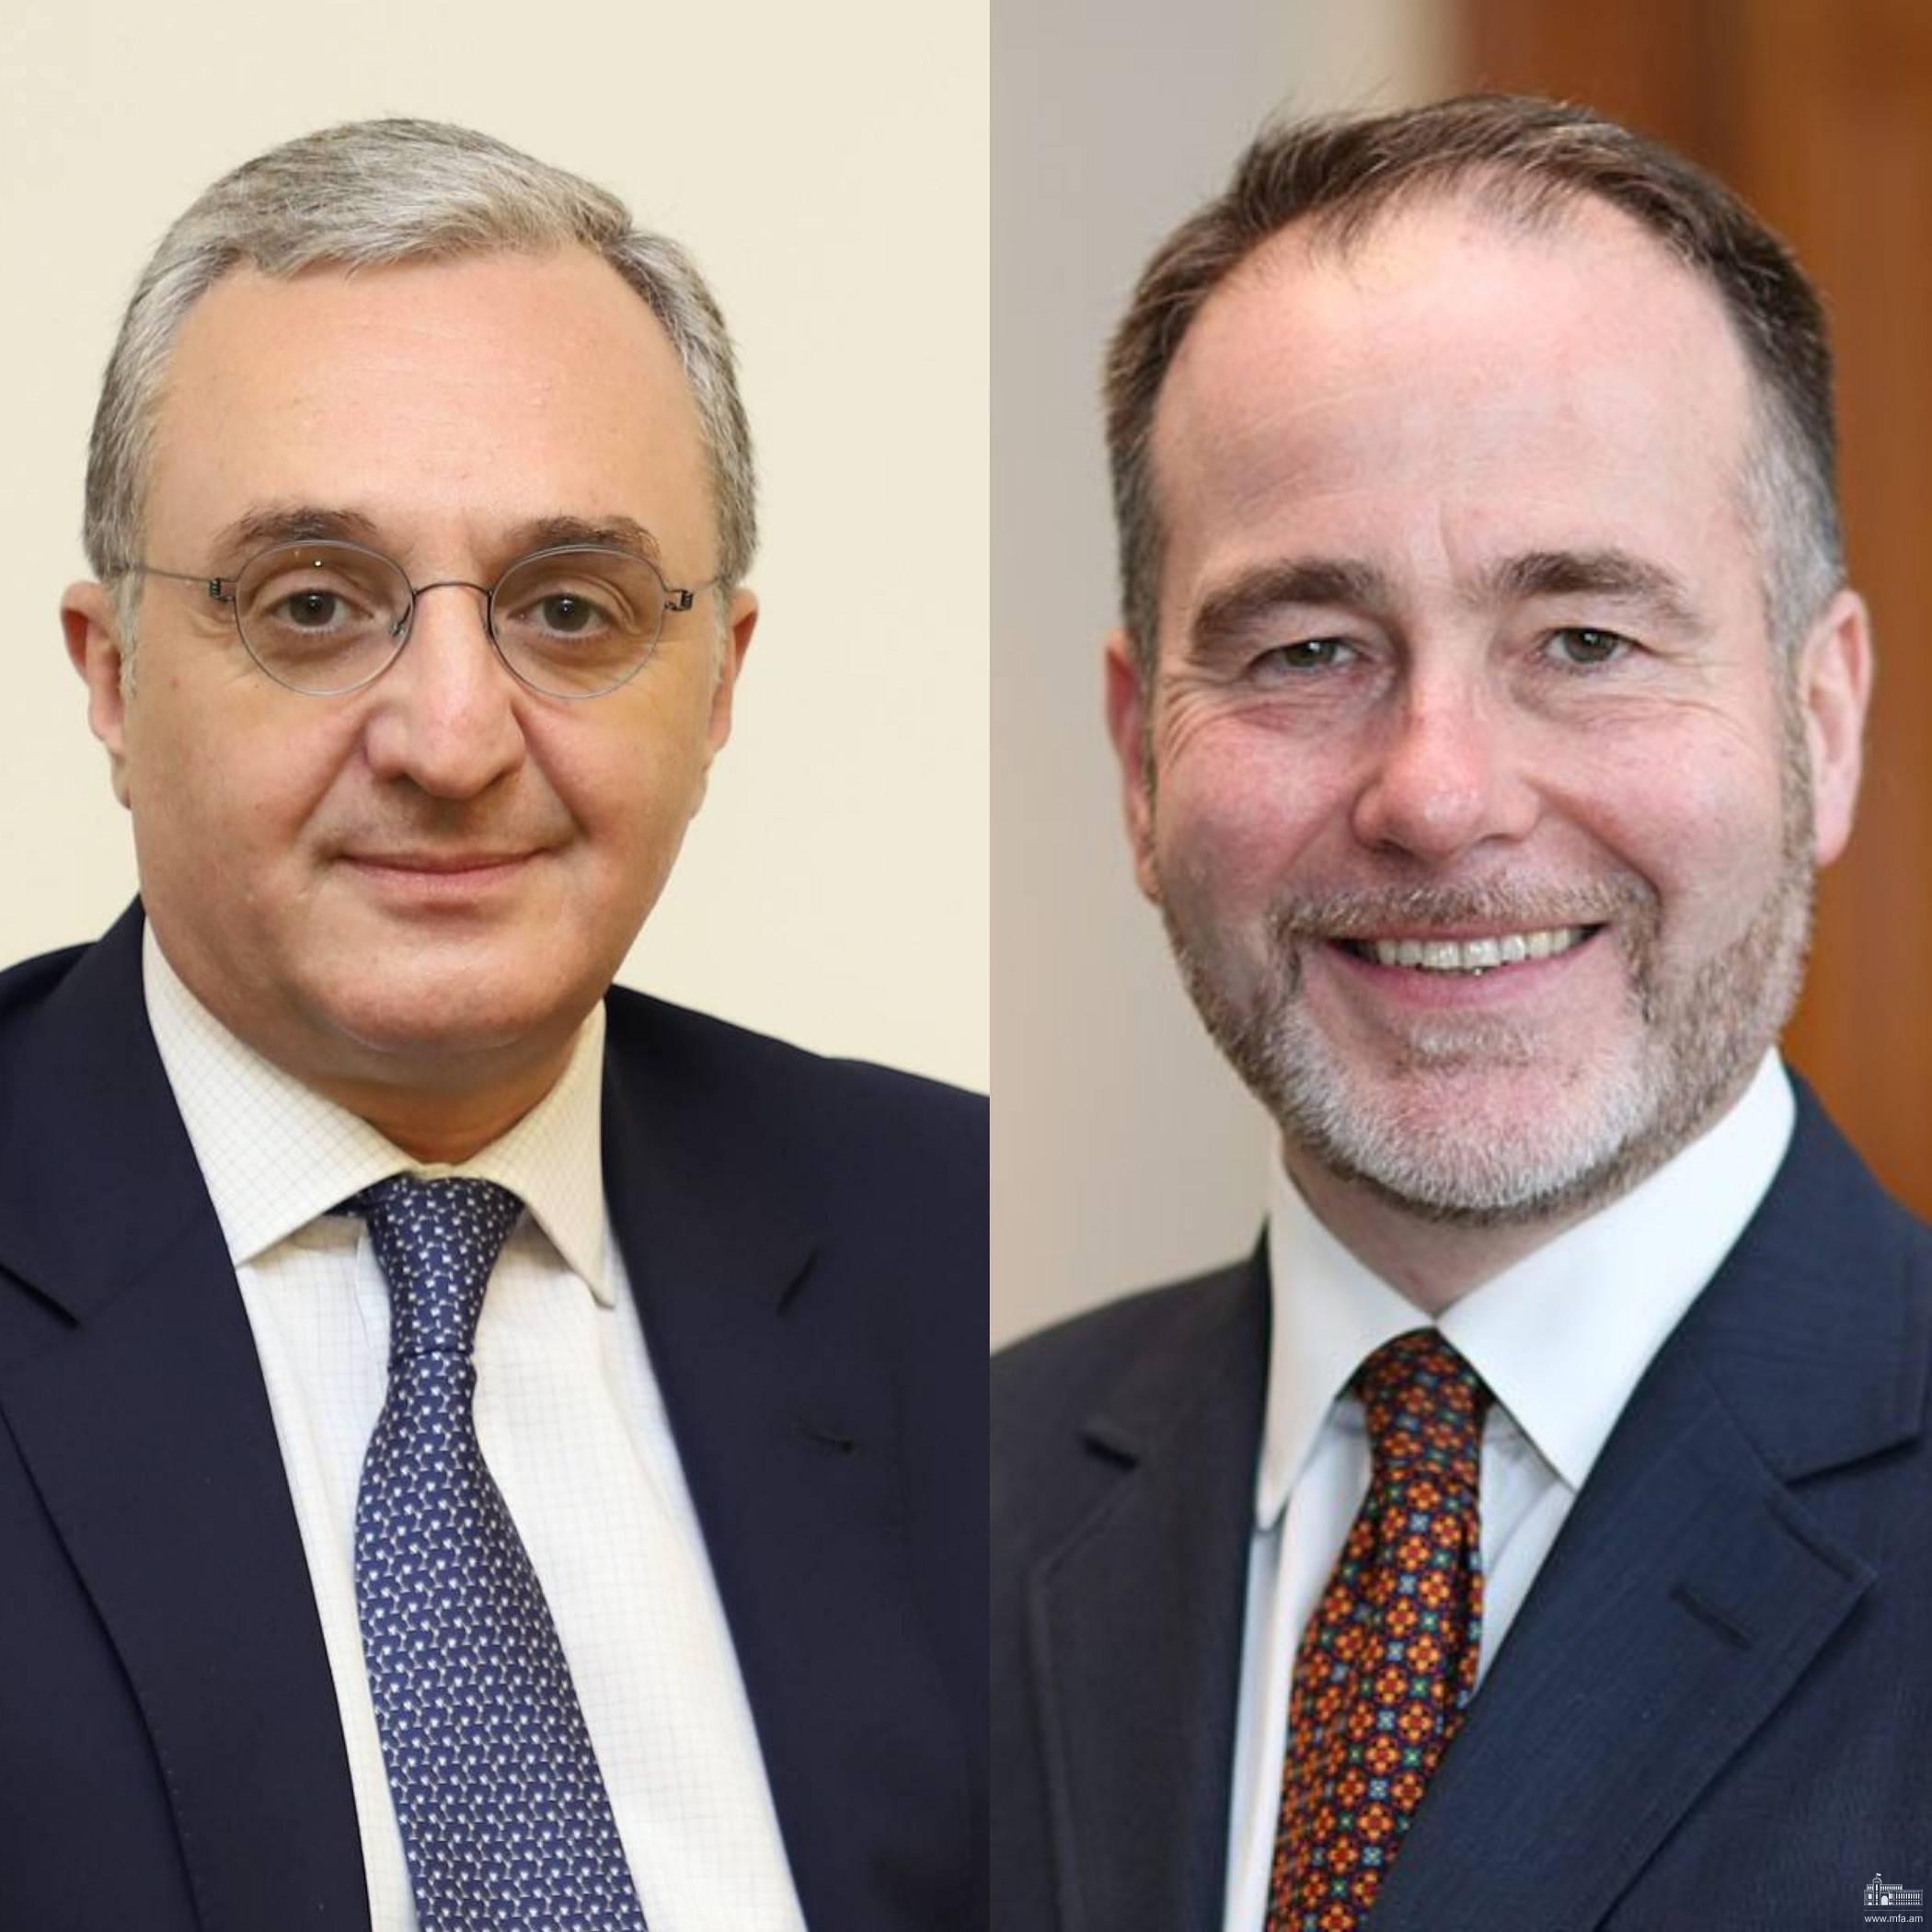 Entretien téléphonique entre le ministre des Affaires étrangères d'Arménie et le ministre d'État britannique pour l'Europe et les Amériques